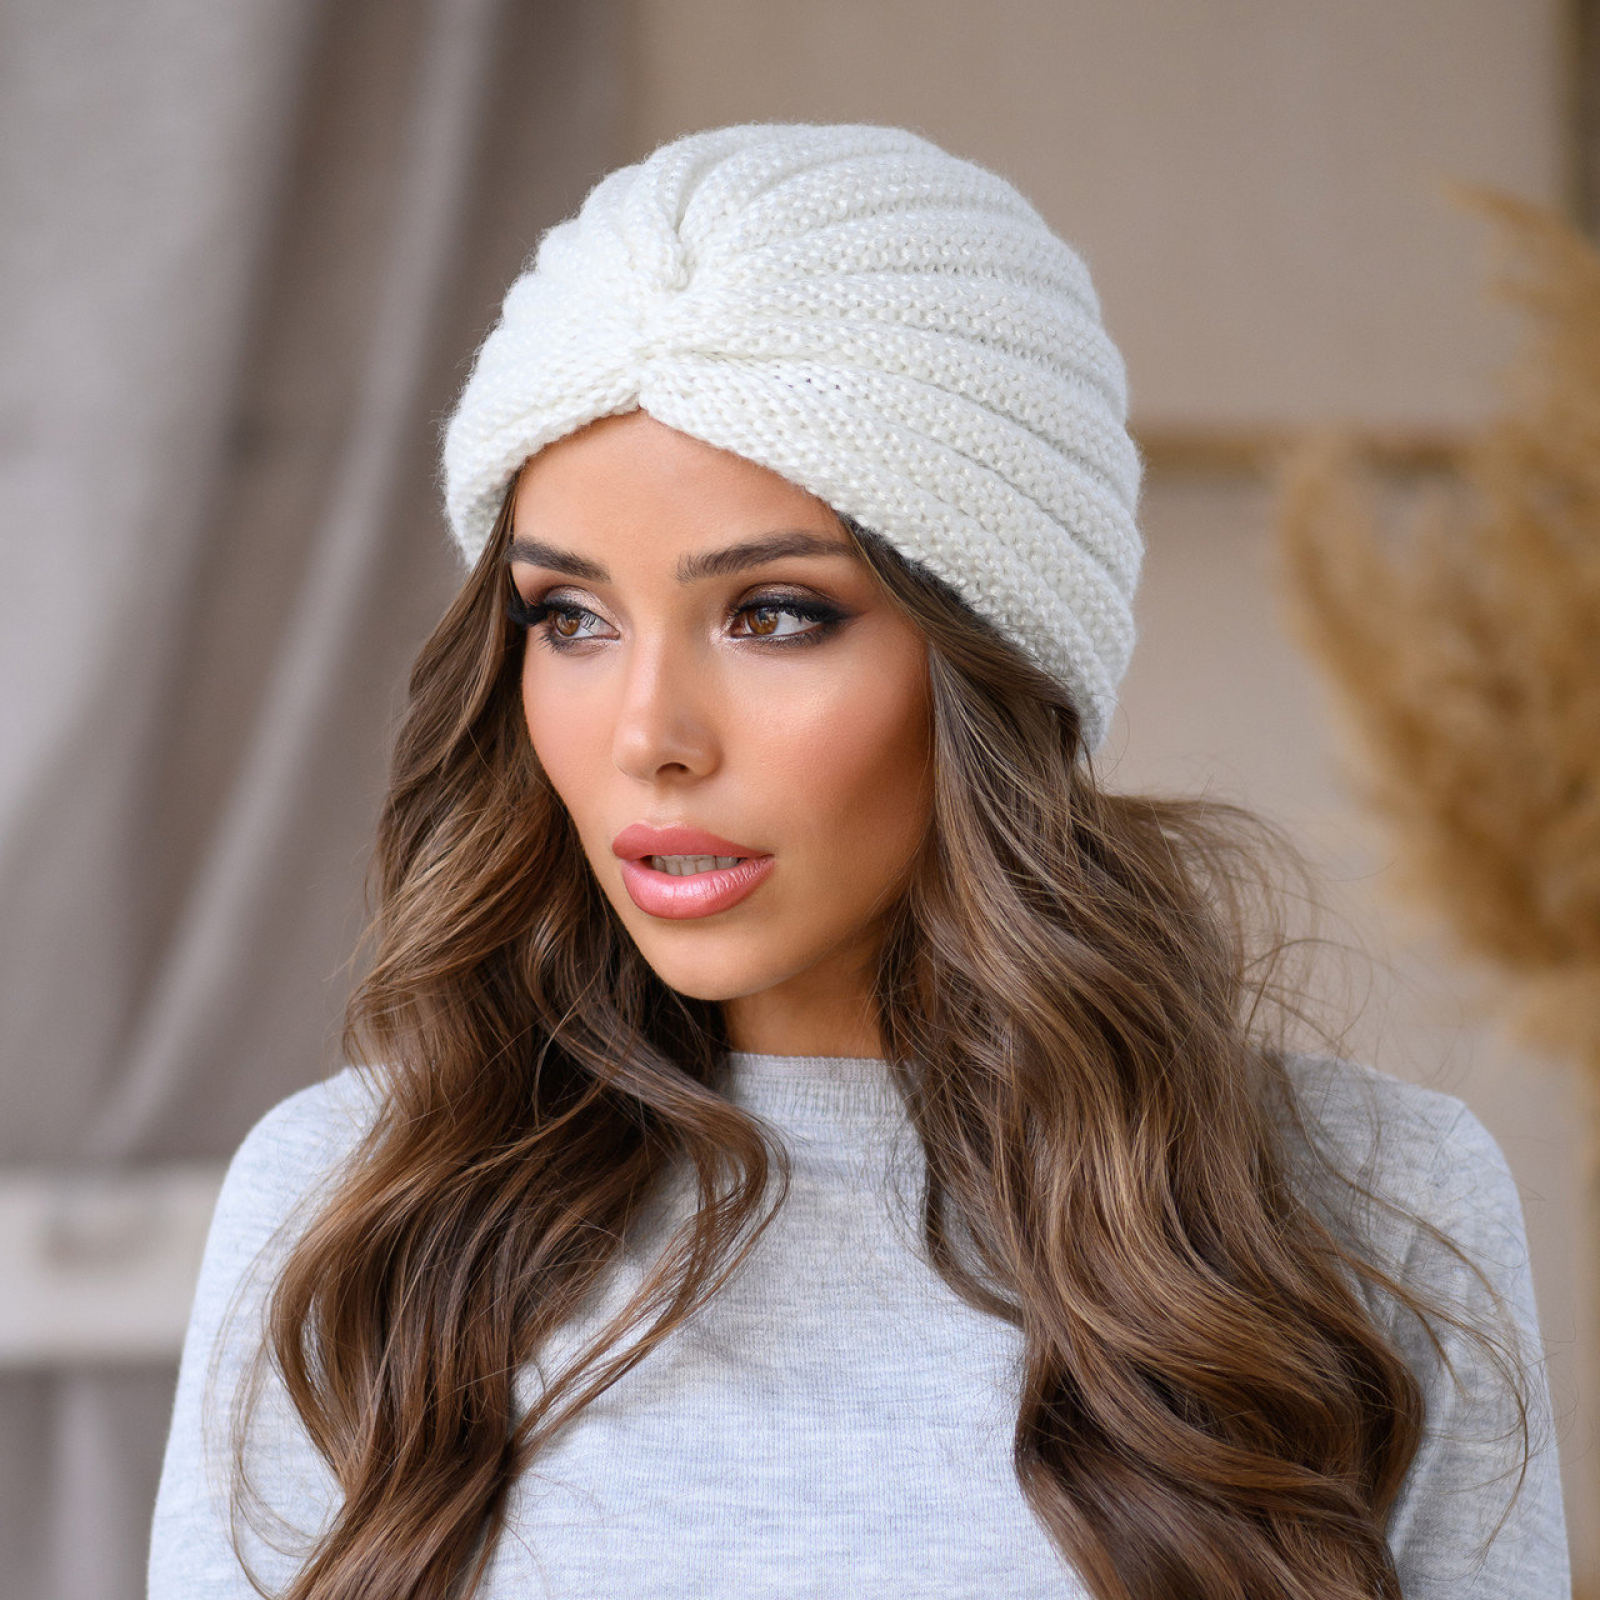 Тепло и стильно: модные головные уборы сезона зима 2020